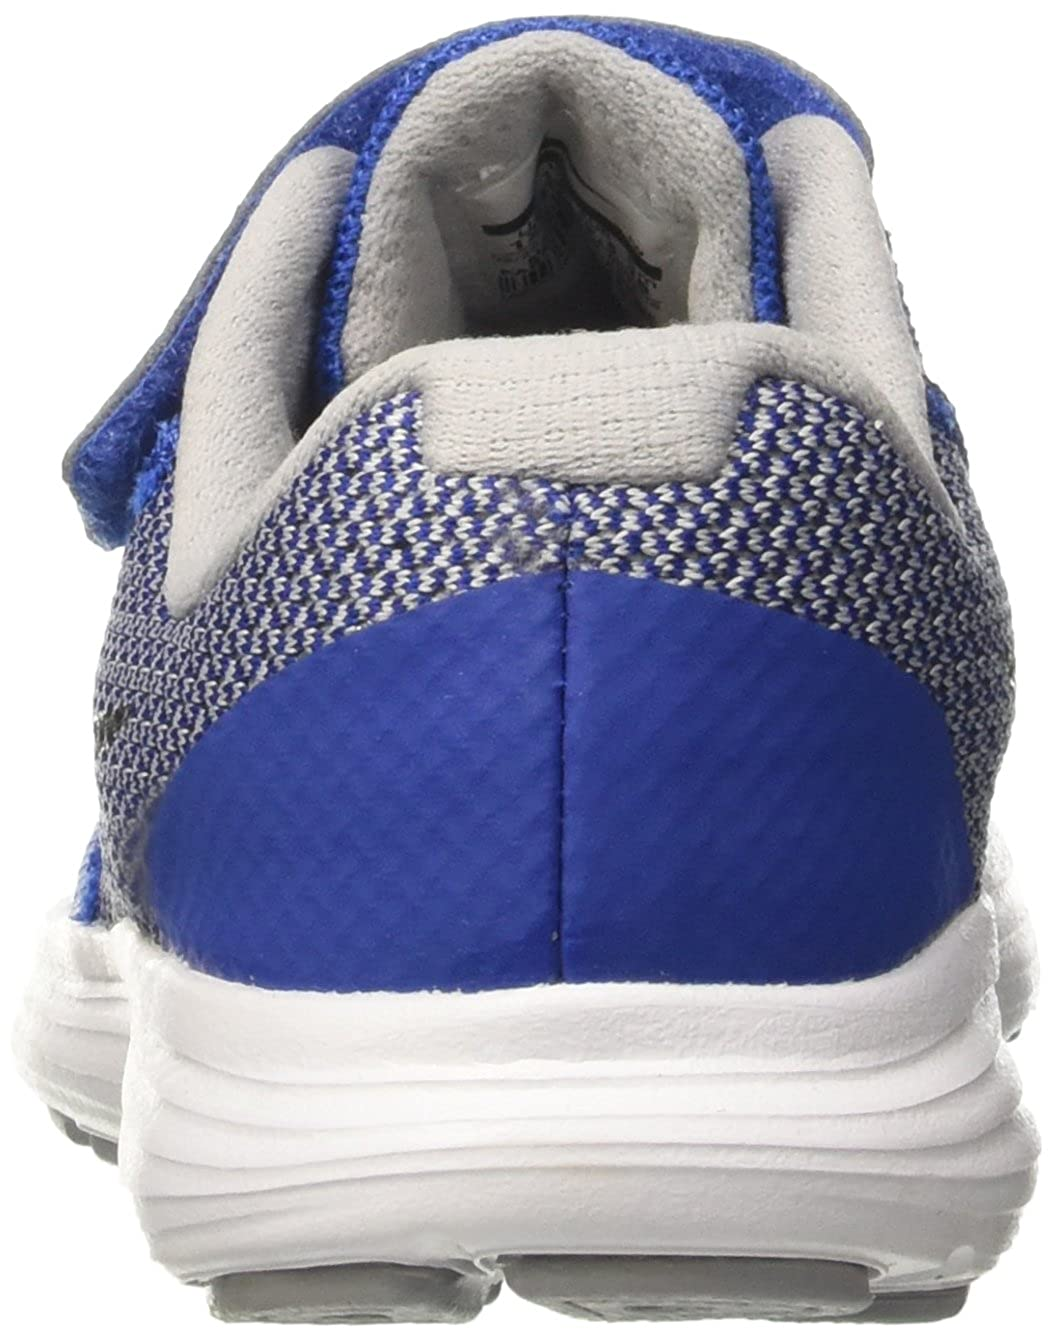 PSV Running Shoes NIKE Kids Revolution 3